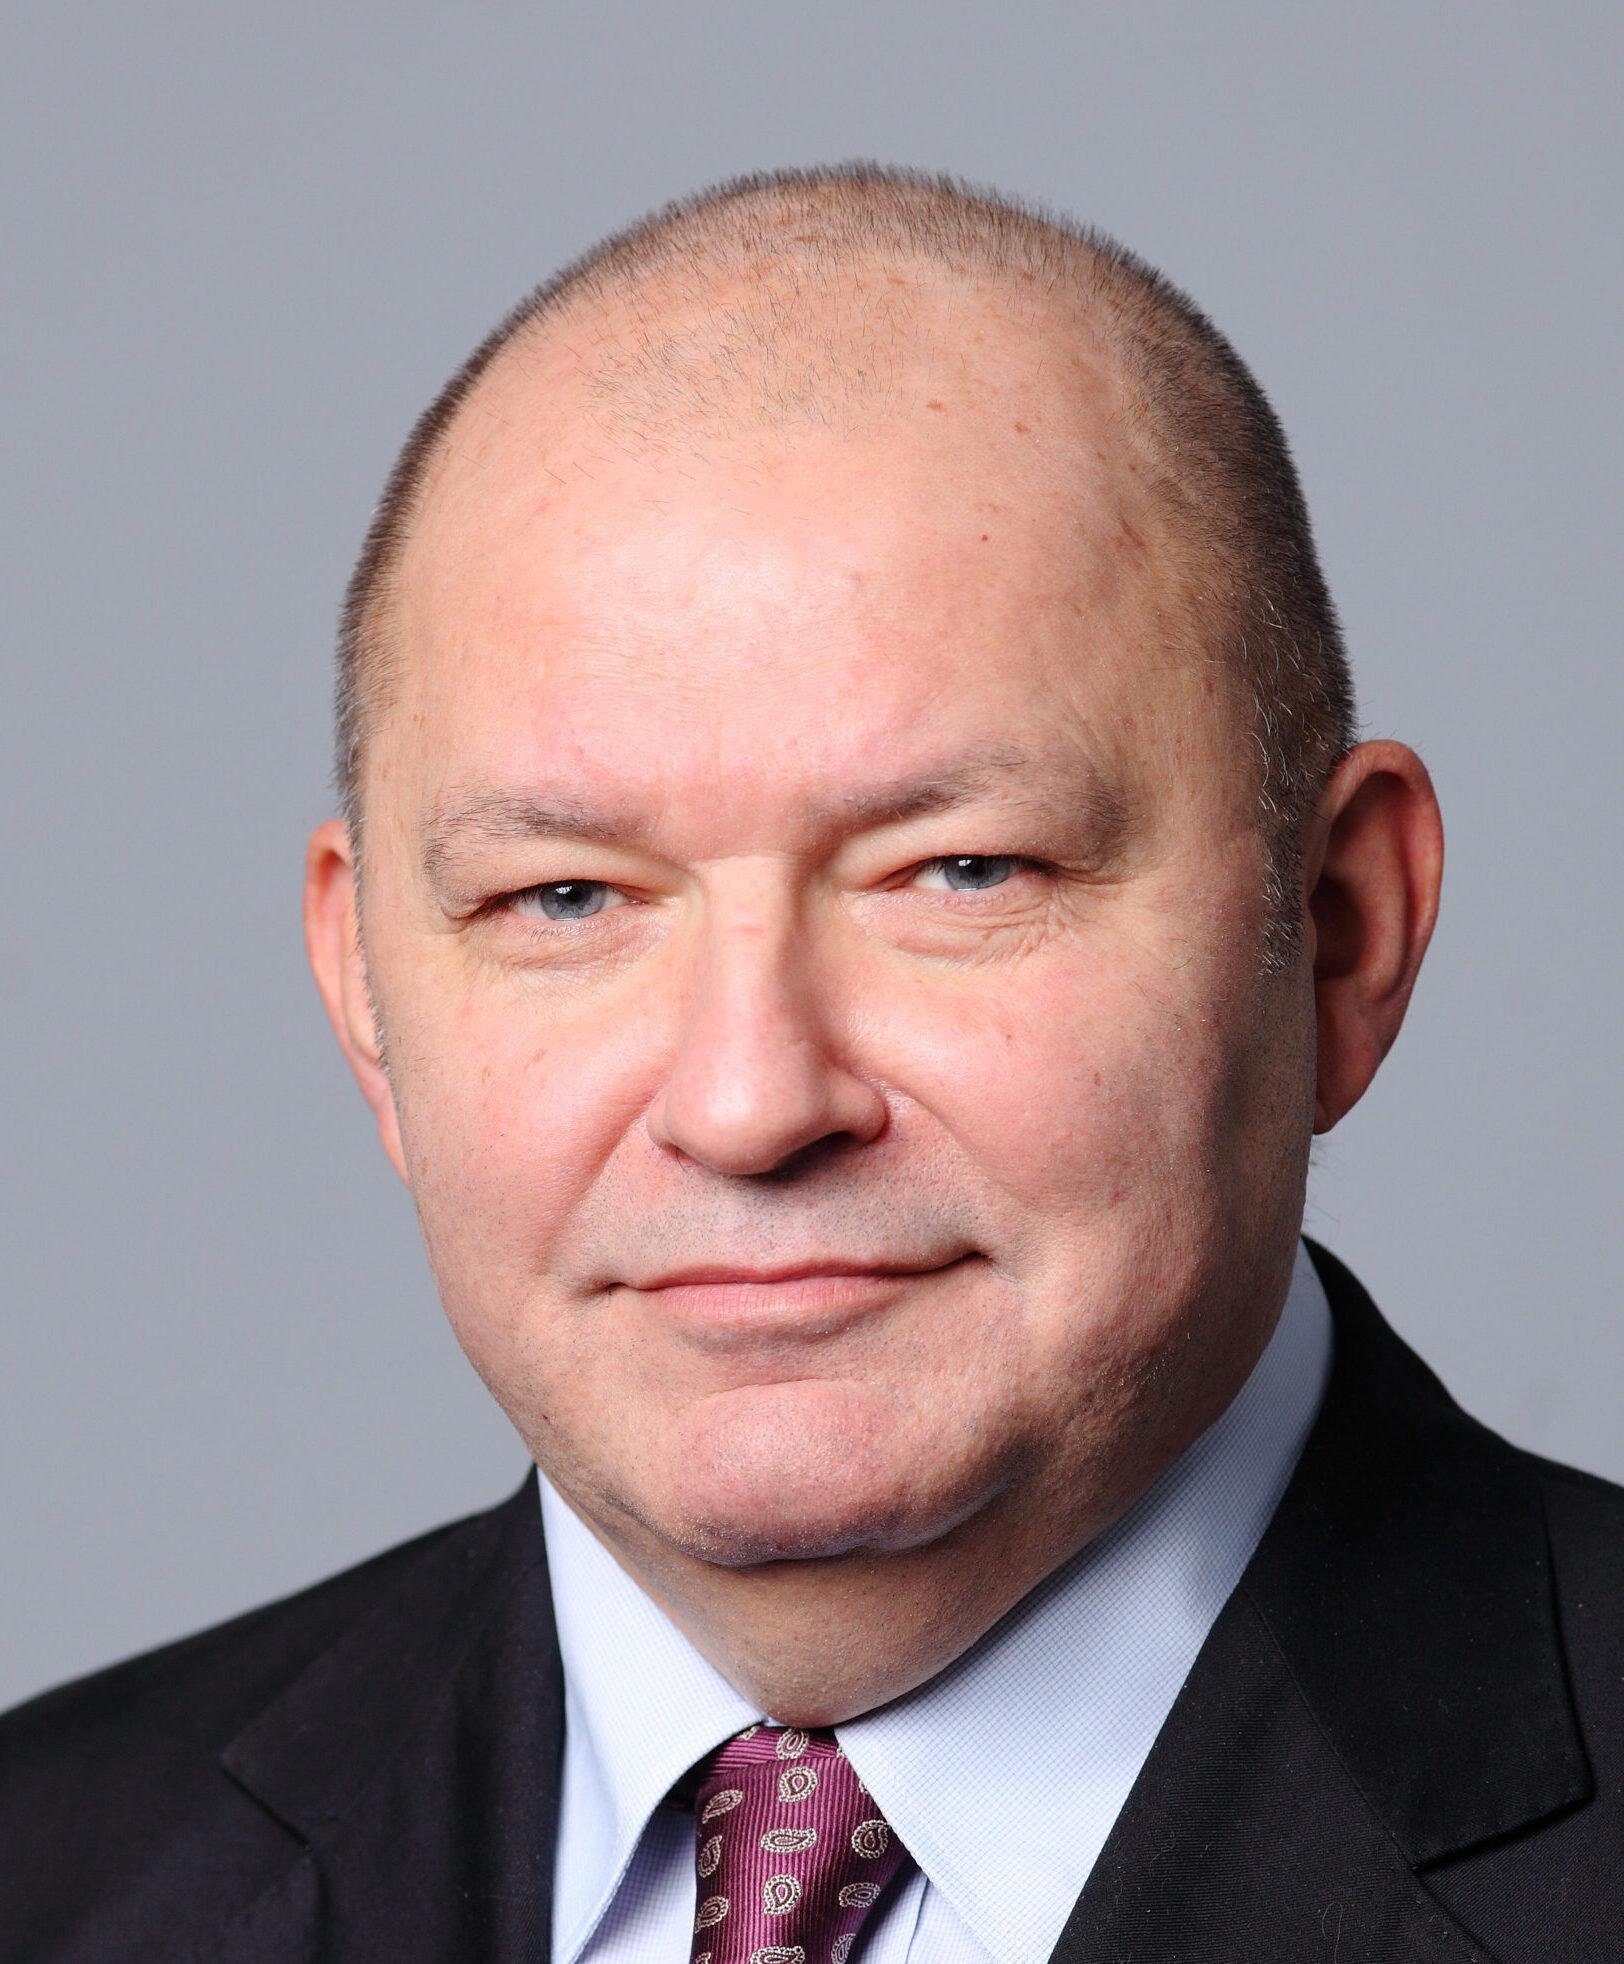 Wiesław Byczkowski